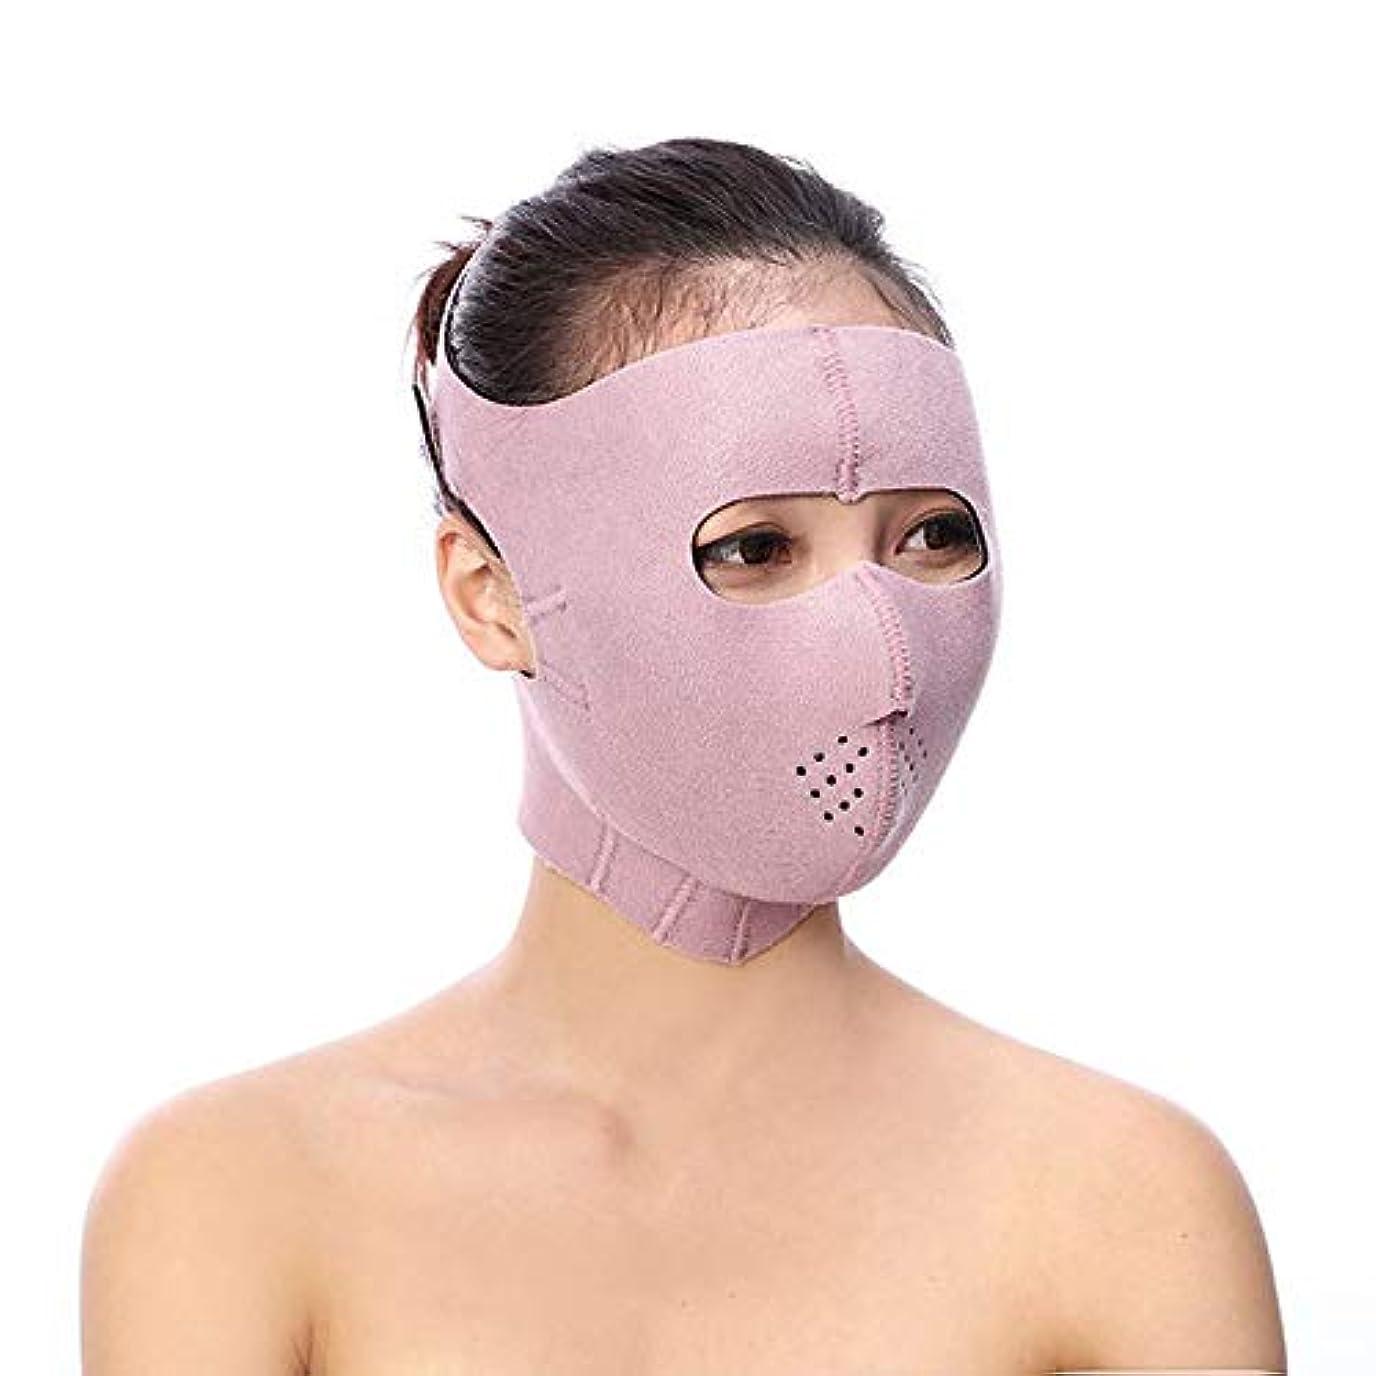 ぺディカブ性交アレイGYZ フェイシャルリフティング痩身ベルト - Vフェイス包帯マスクフェイシャルマッサージャー無料の薄いフェイス包帯整形マスクを引き締める顔と首の顔スリム Thin Face Belt